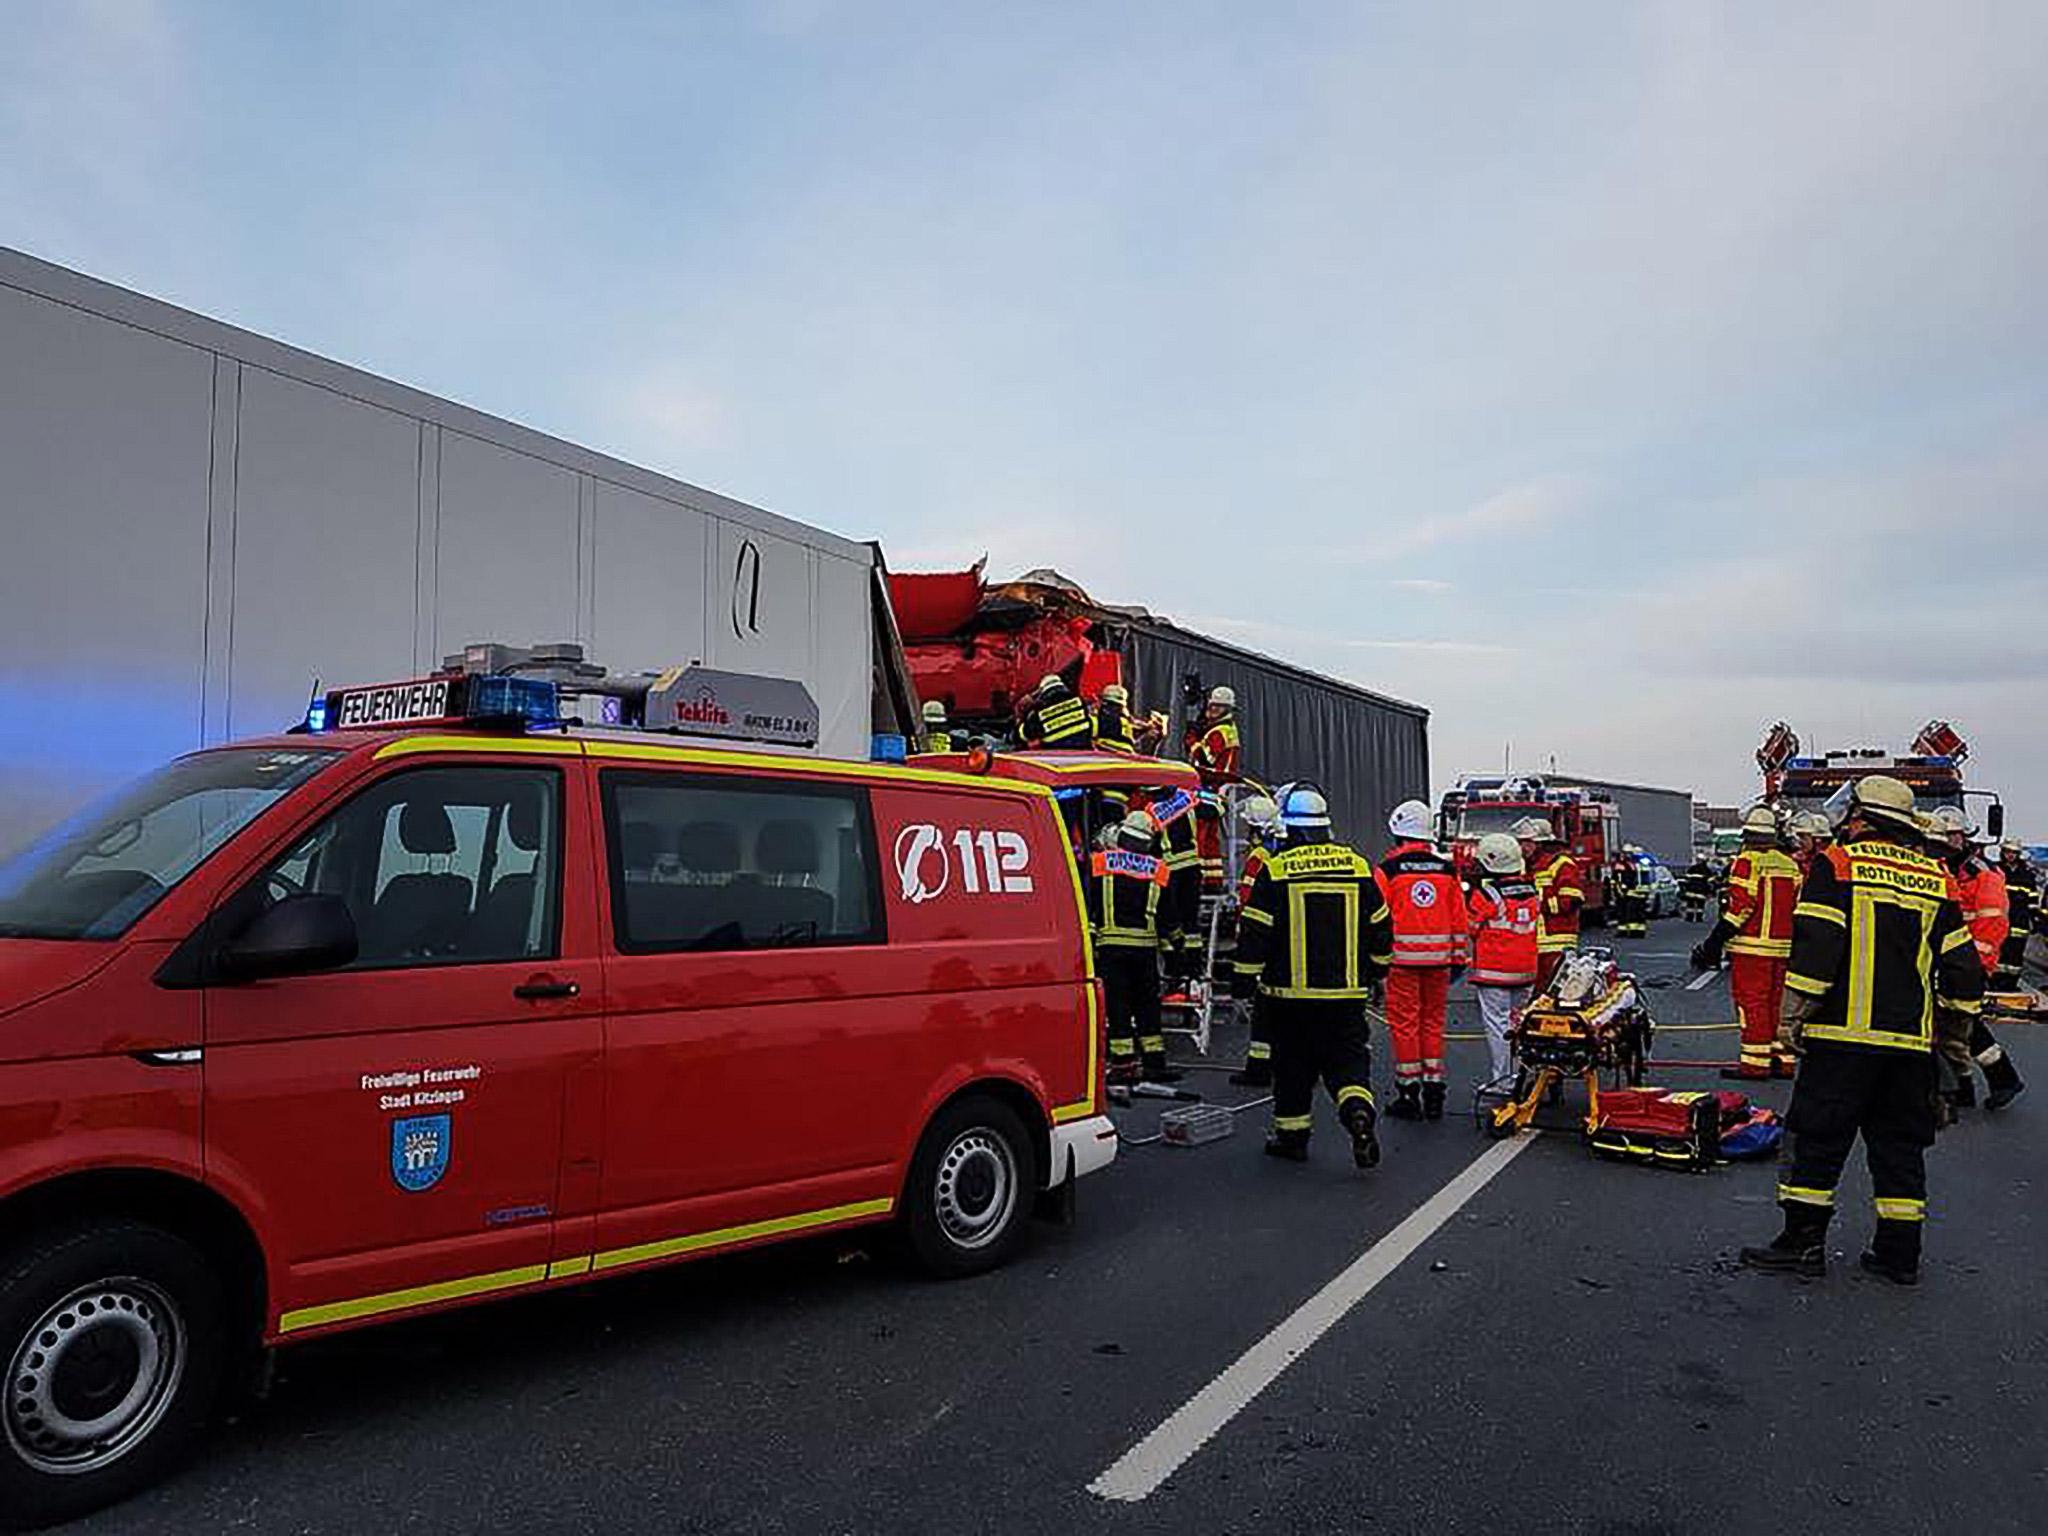 Zahlreiche Einsatzkräfte vor Ort. Foto: Freiwillige Feuerwehr Rottendorf